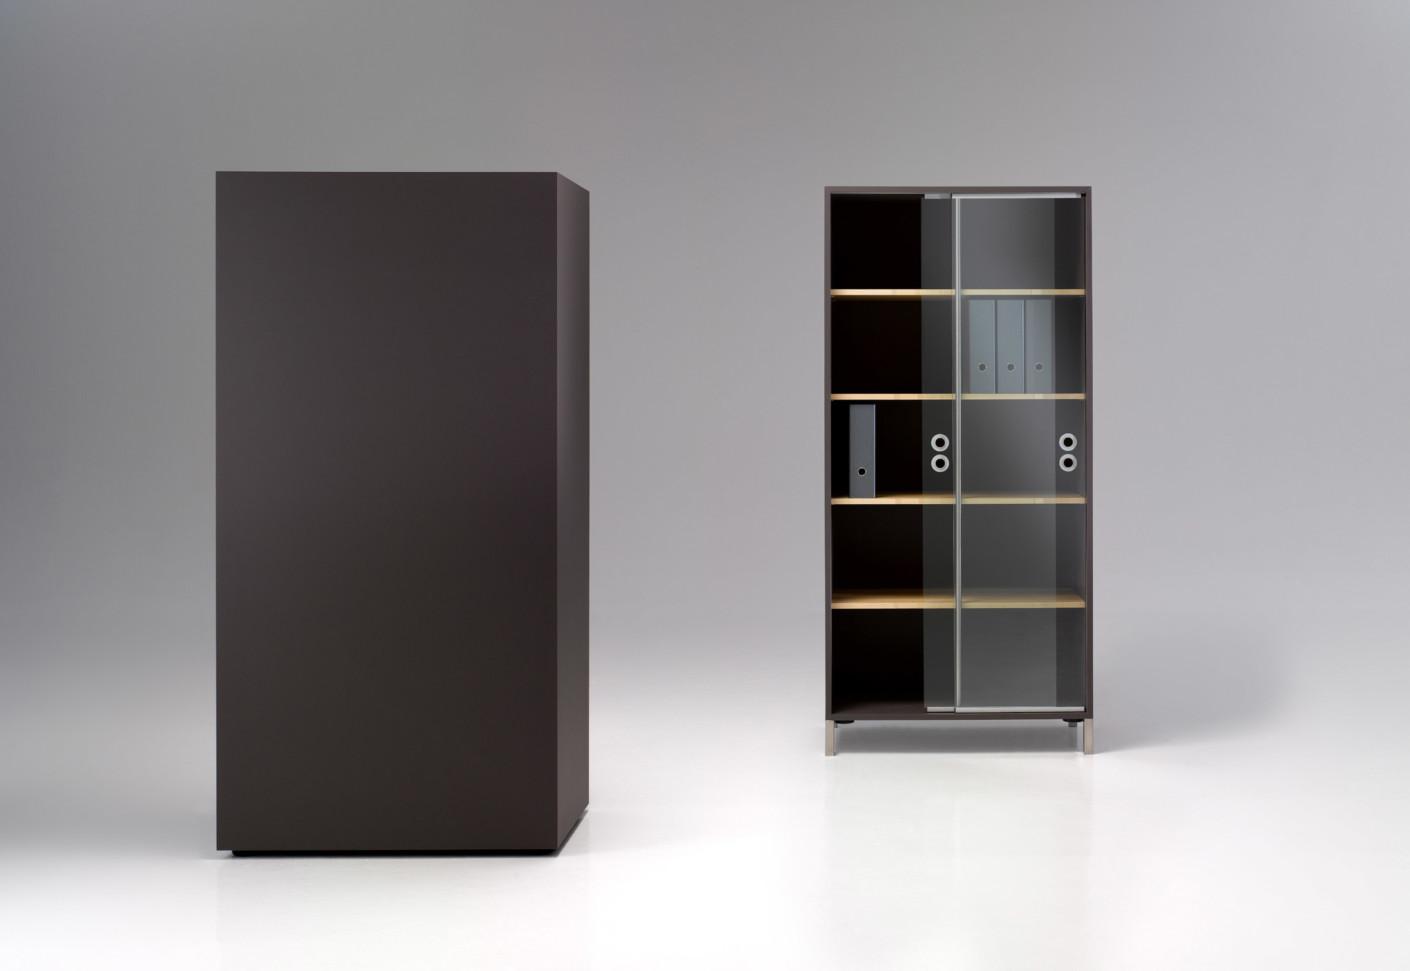 schrank von performa stylepark. Black Bedroom Furniture Sets. Home Design Ideas